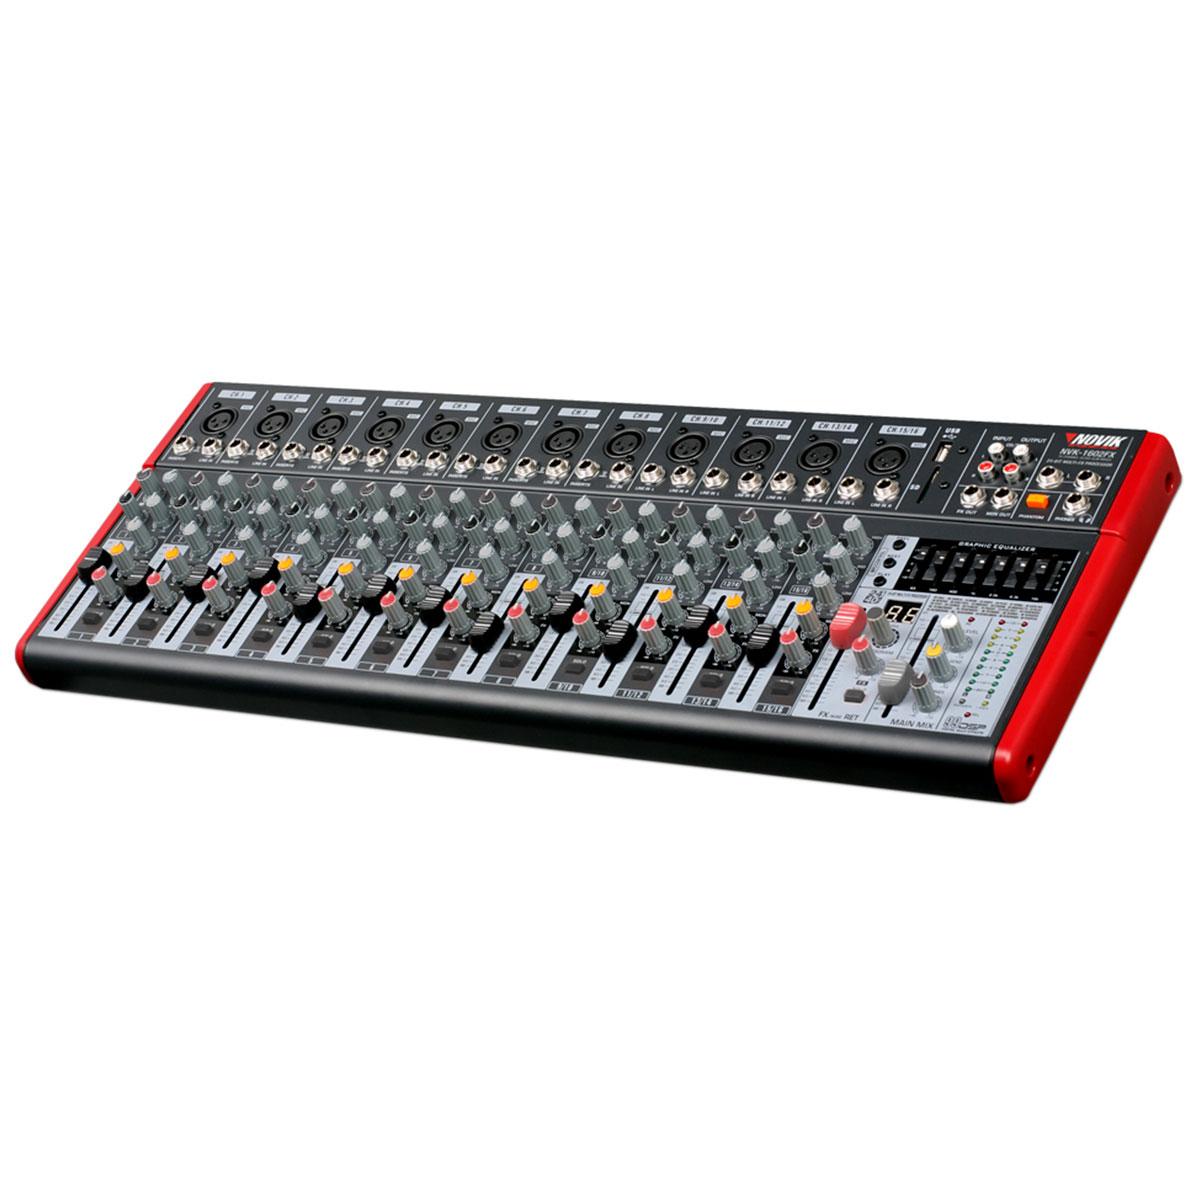 NVK1602FX - Mesa de Som / Mixer 16 Canais USB 110V NVK 1602 FX - Novik Neo